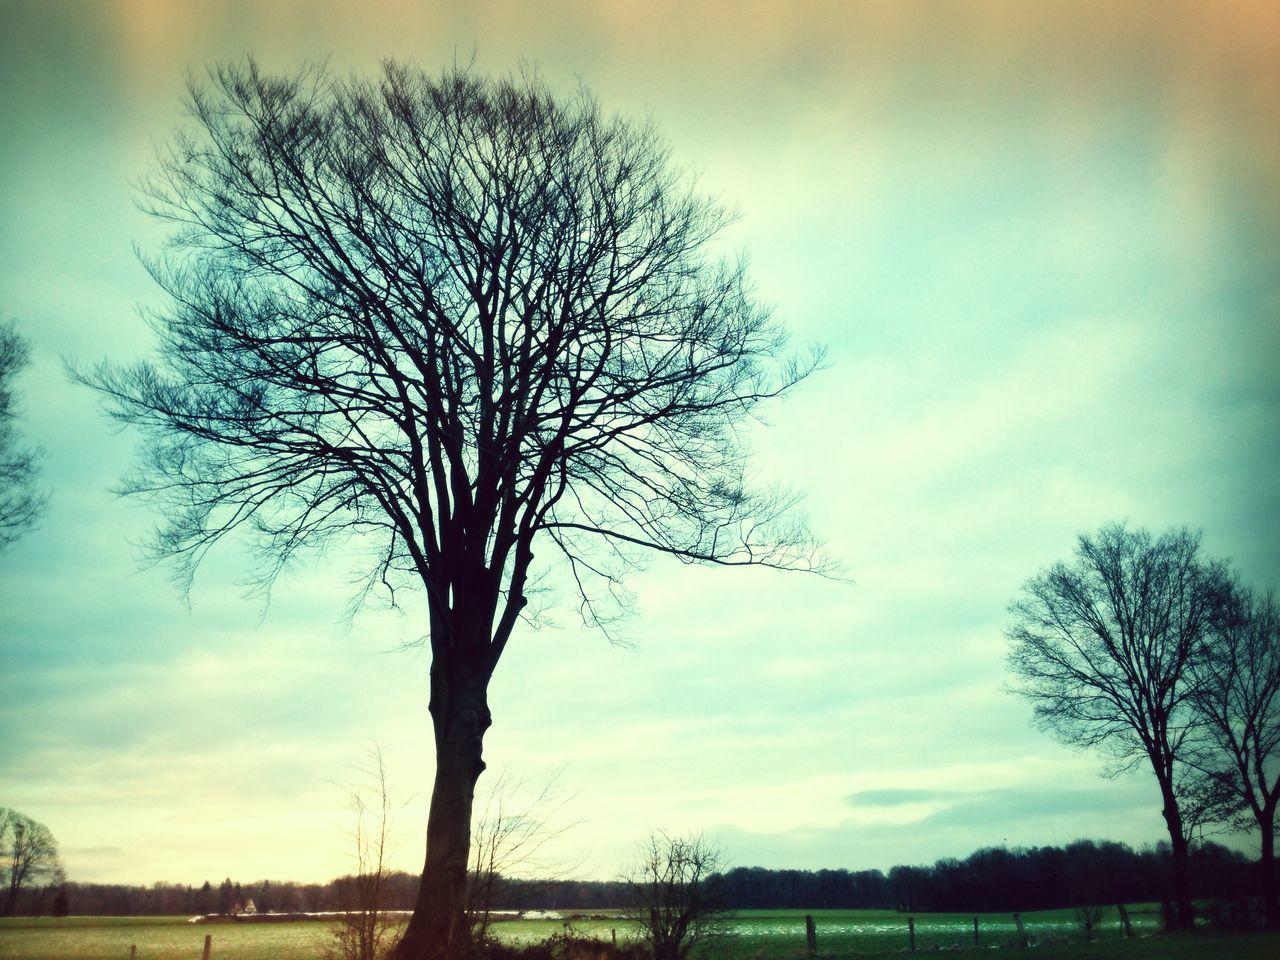 Zwei Bäume ohne Blätter stehen in trübem Licht auf einer Wiese Baum Bearbeitet Bäume Einsamkeit Feld Herbst Herbststimmung Himmel Kahl Kahle Bäume Landschaft Melancholie Natur Nature Nature Photography Ohne Blätter Ruhe Und Stille Stillleben Trübnis Trübsal Verfremdet Verfremdung Wiese  Wolken